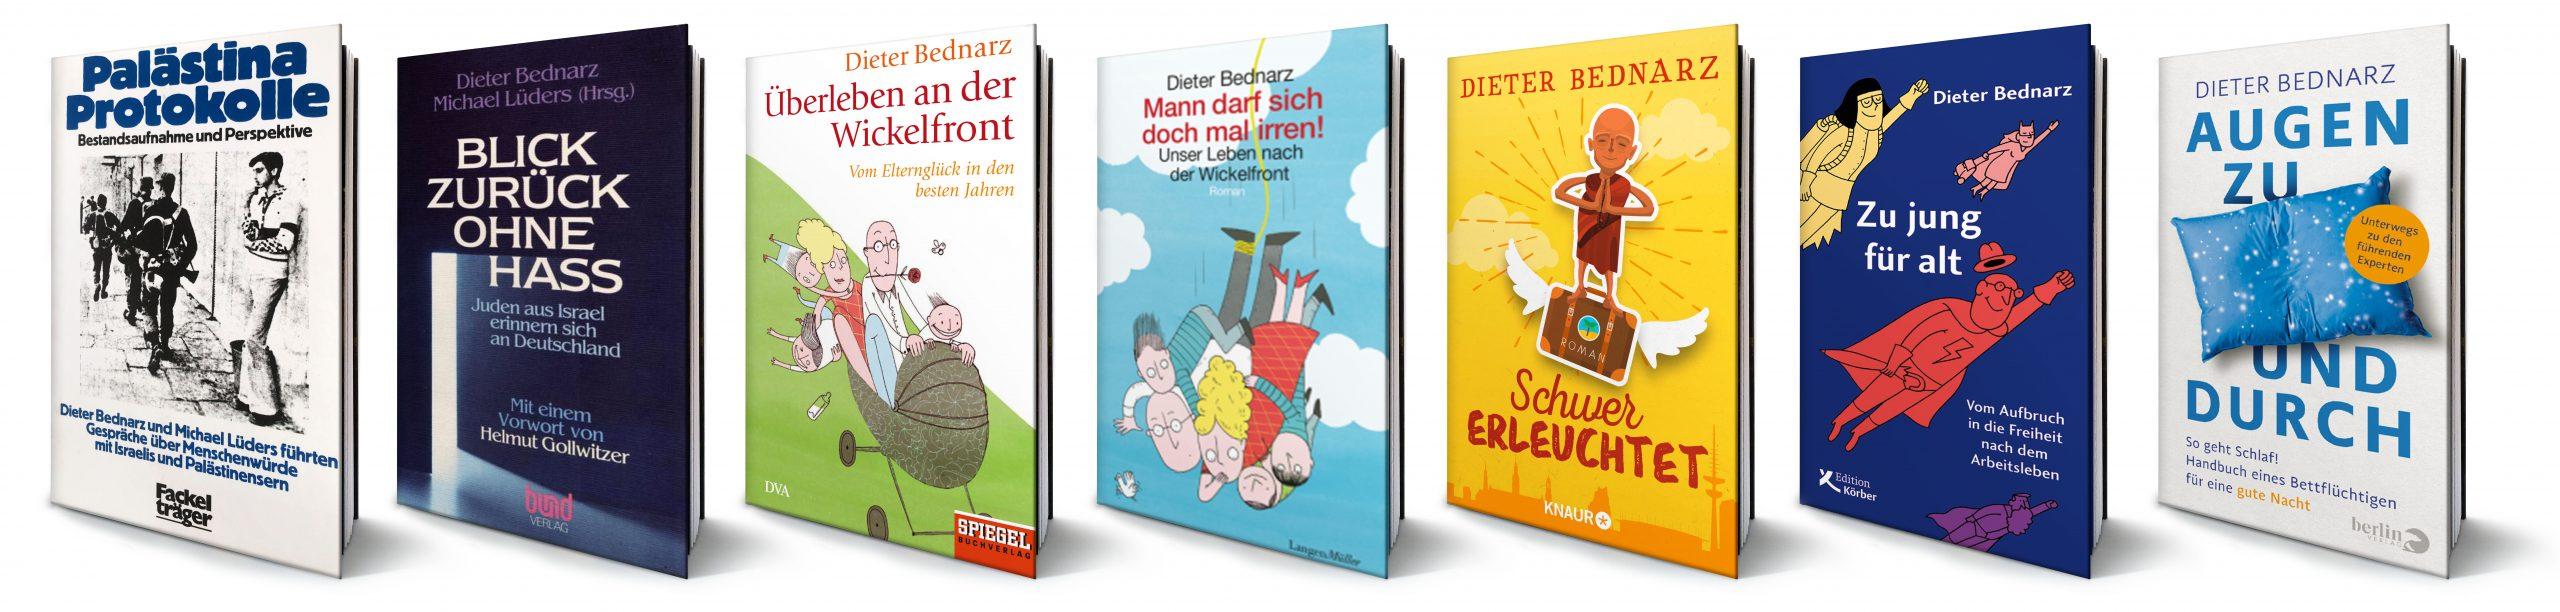 Sieben Bücher von Dieter Bednarz